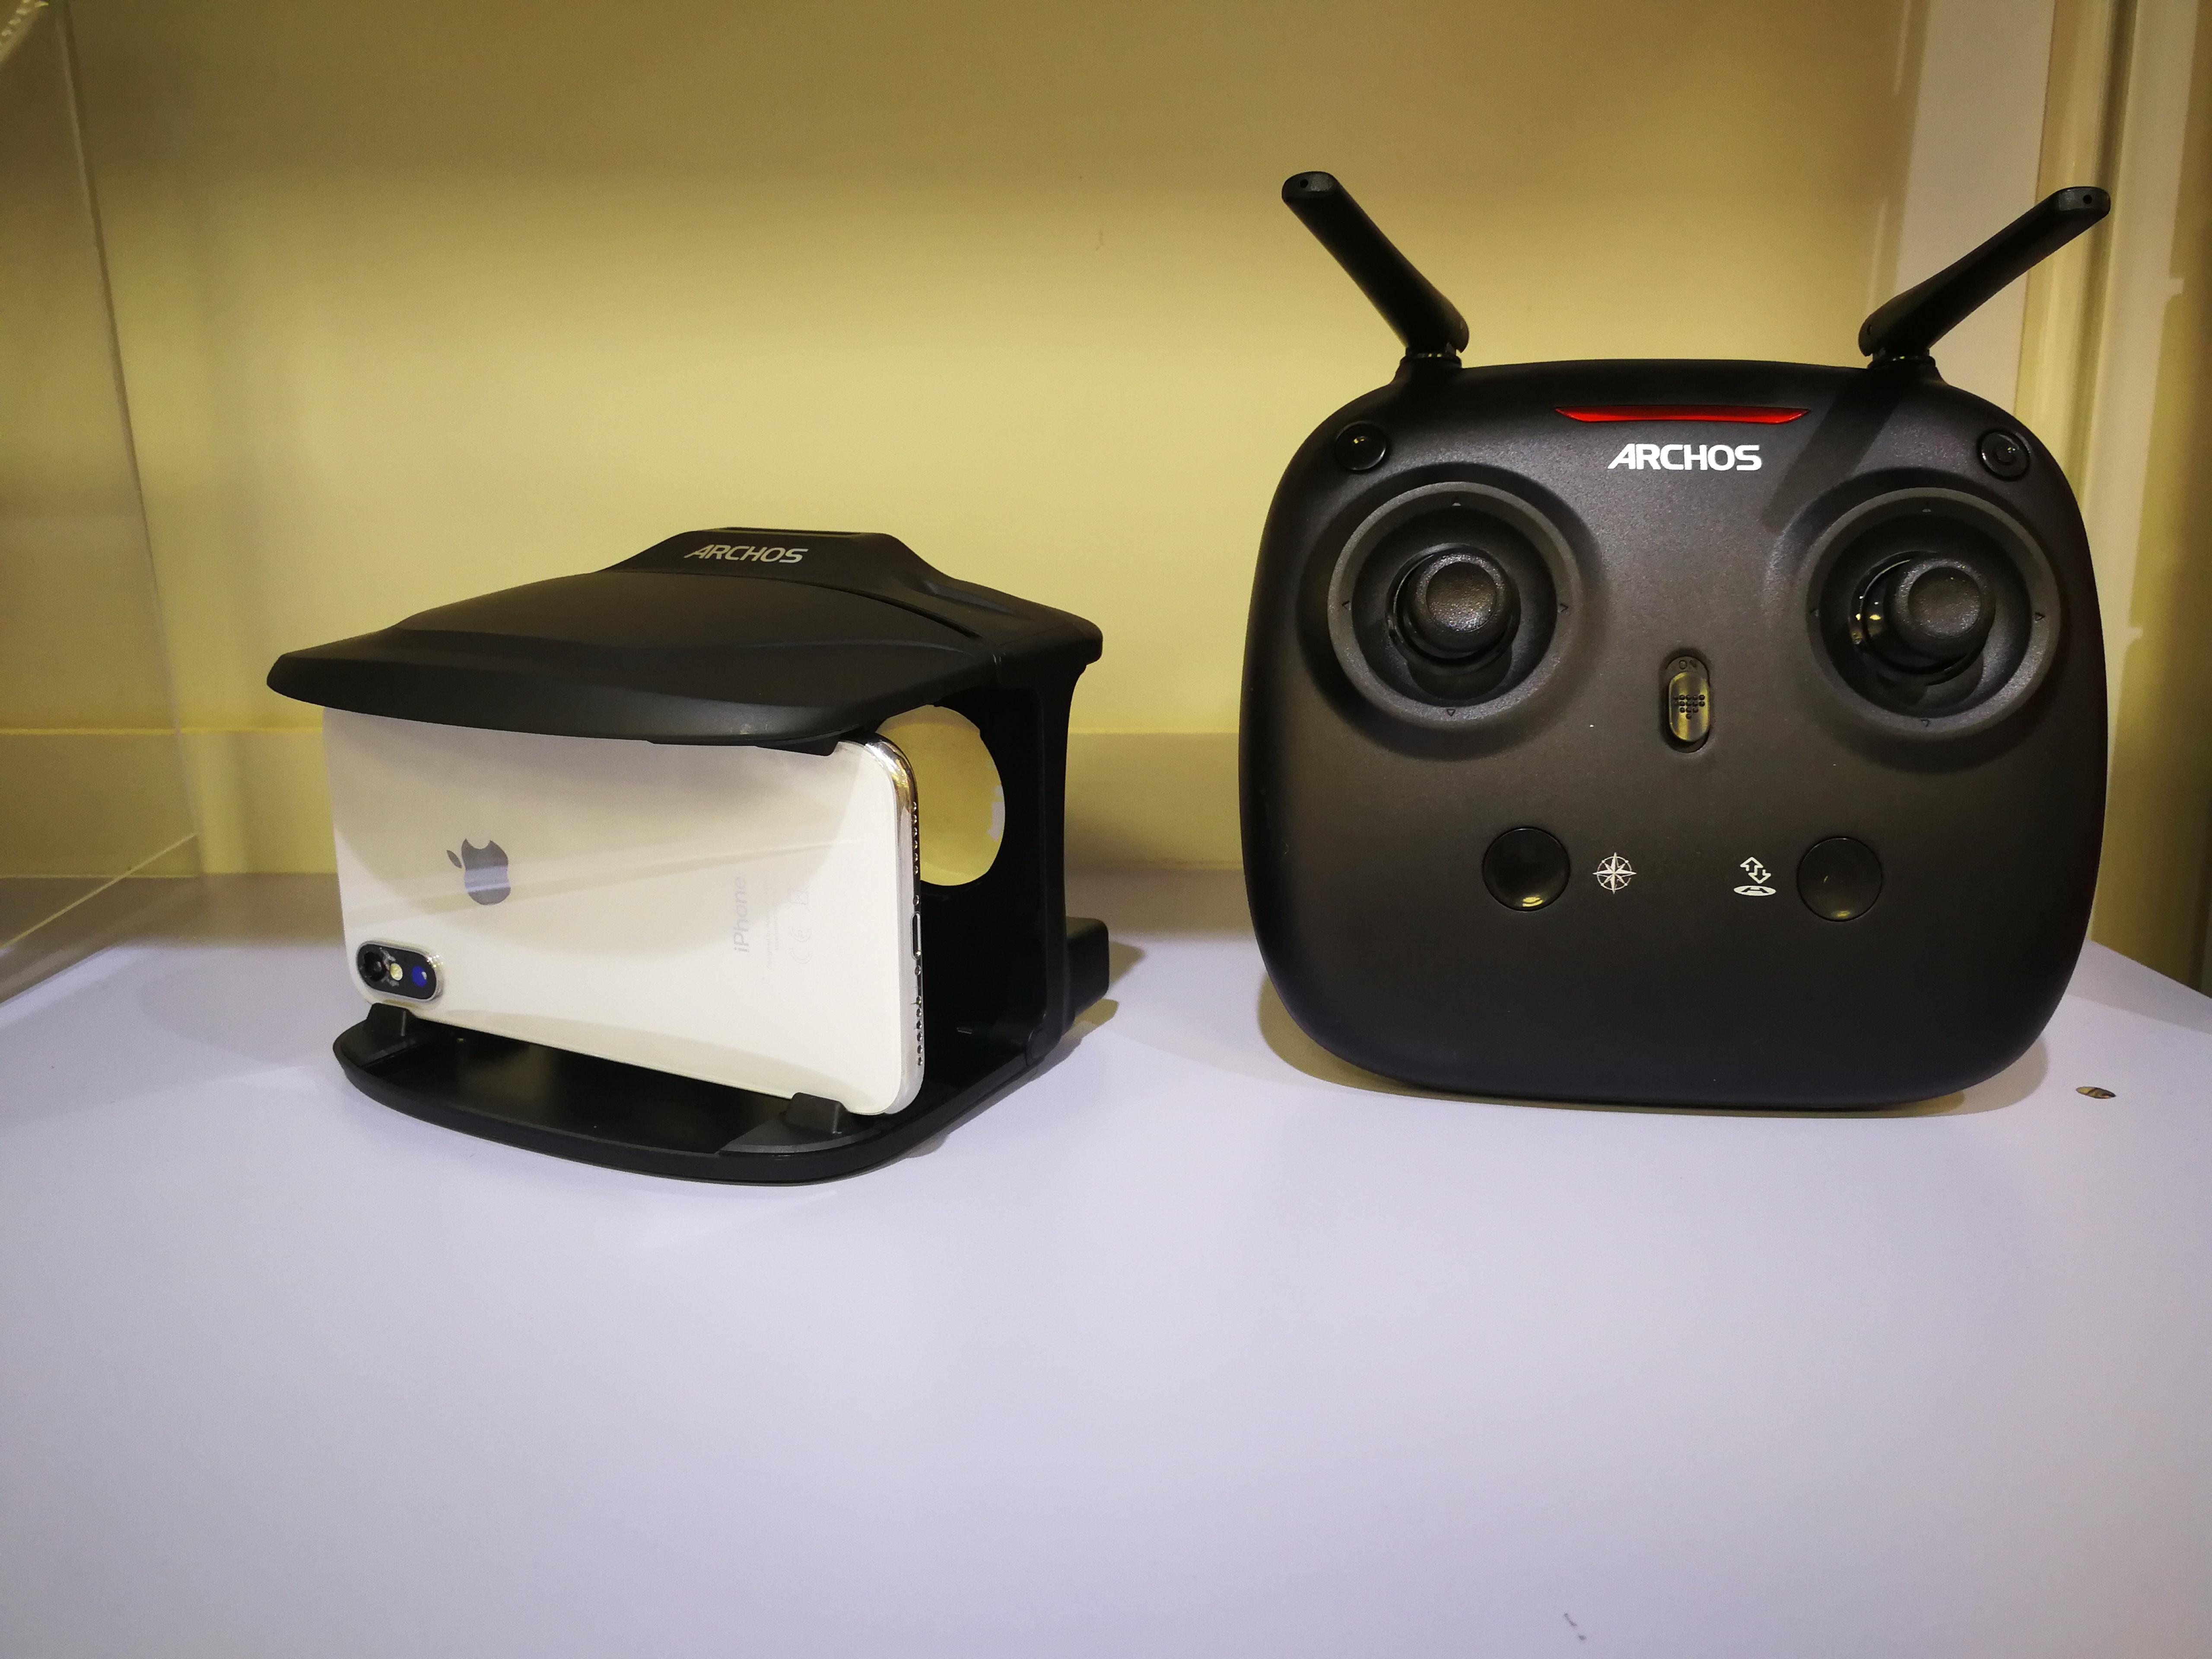 Vr Brille Lg G7 : Die archos drone vr im test handyexperte at